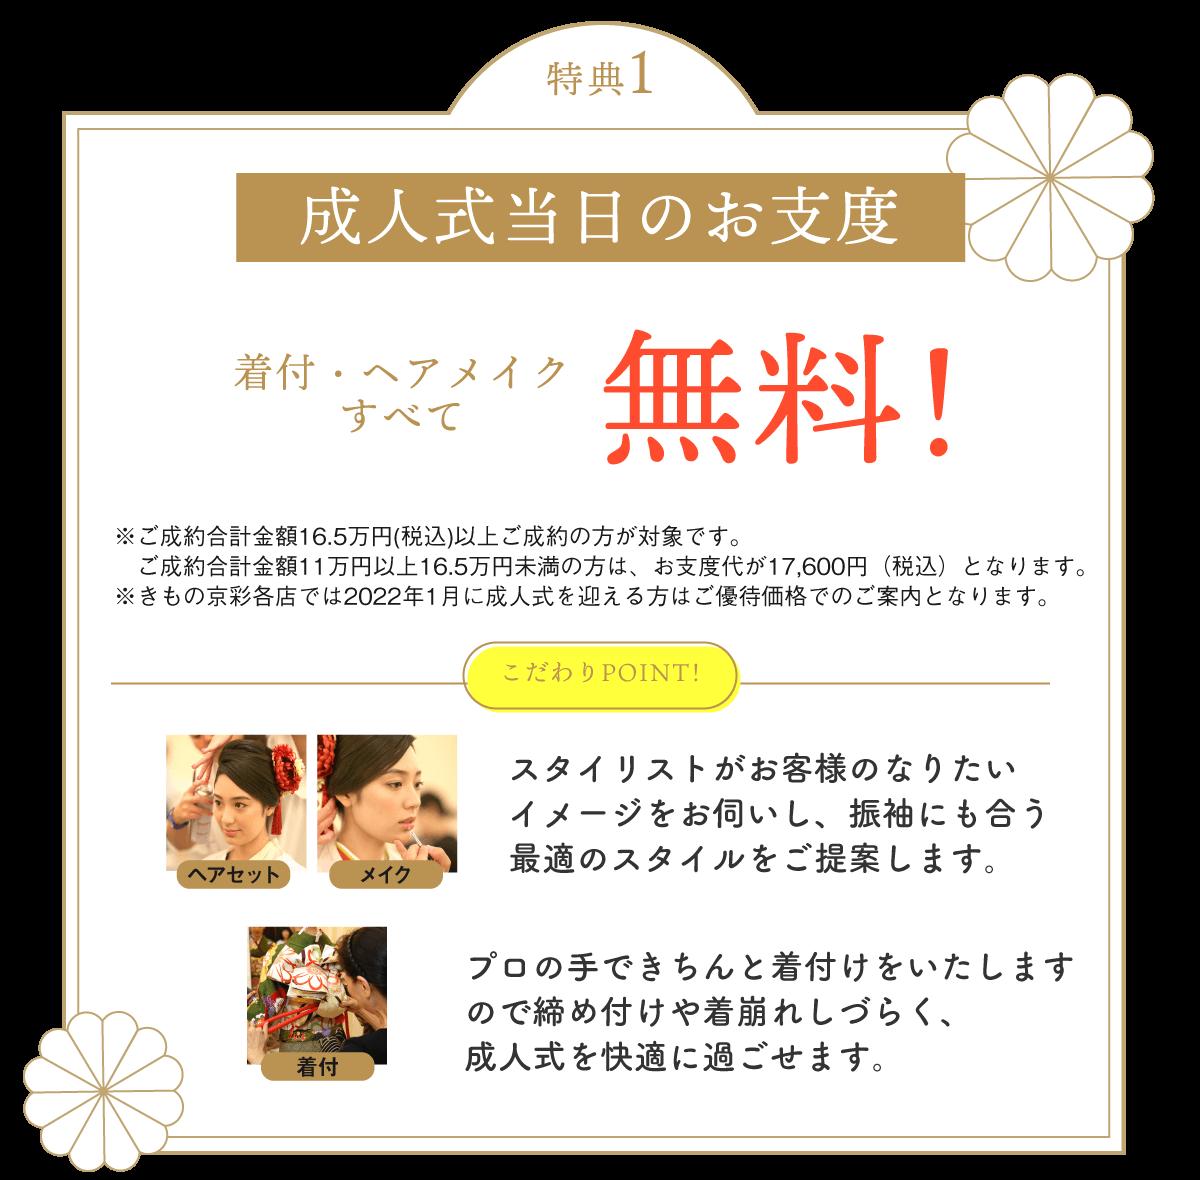 縲・3_24縲・螟ァ迚ケ蜈ク2